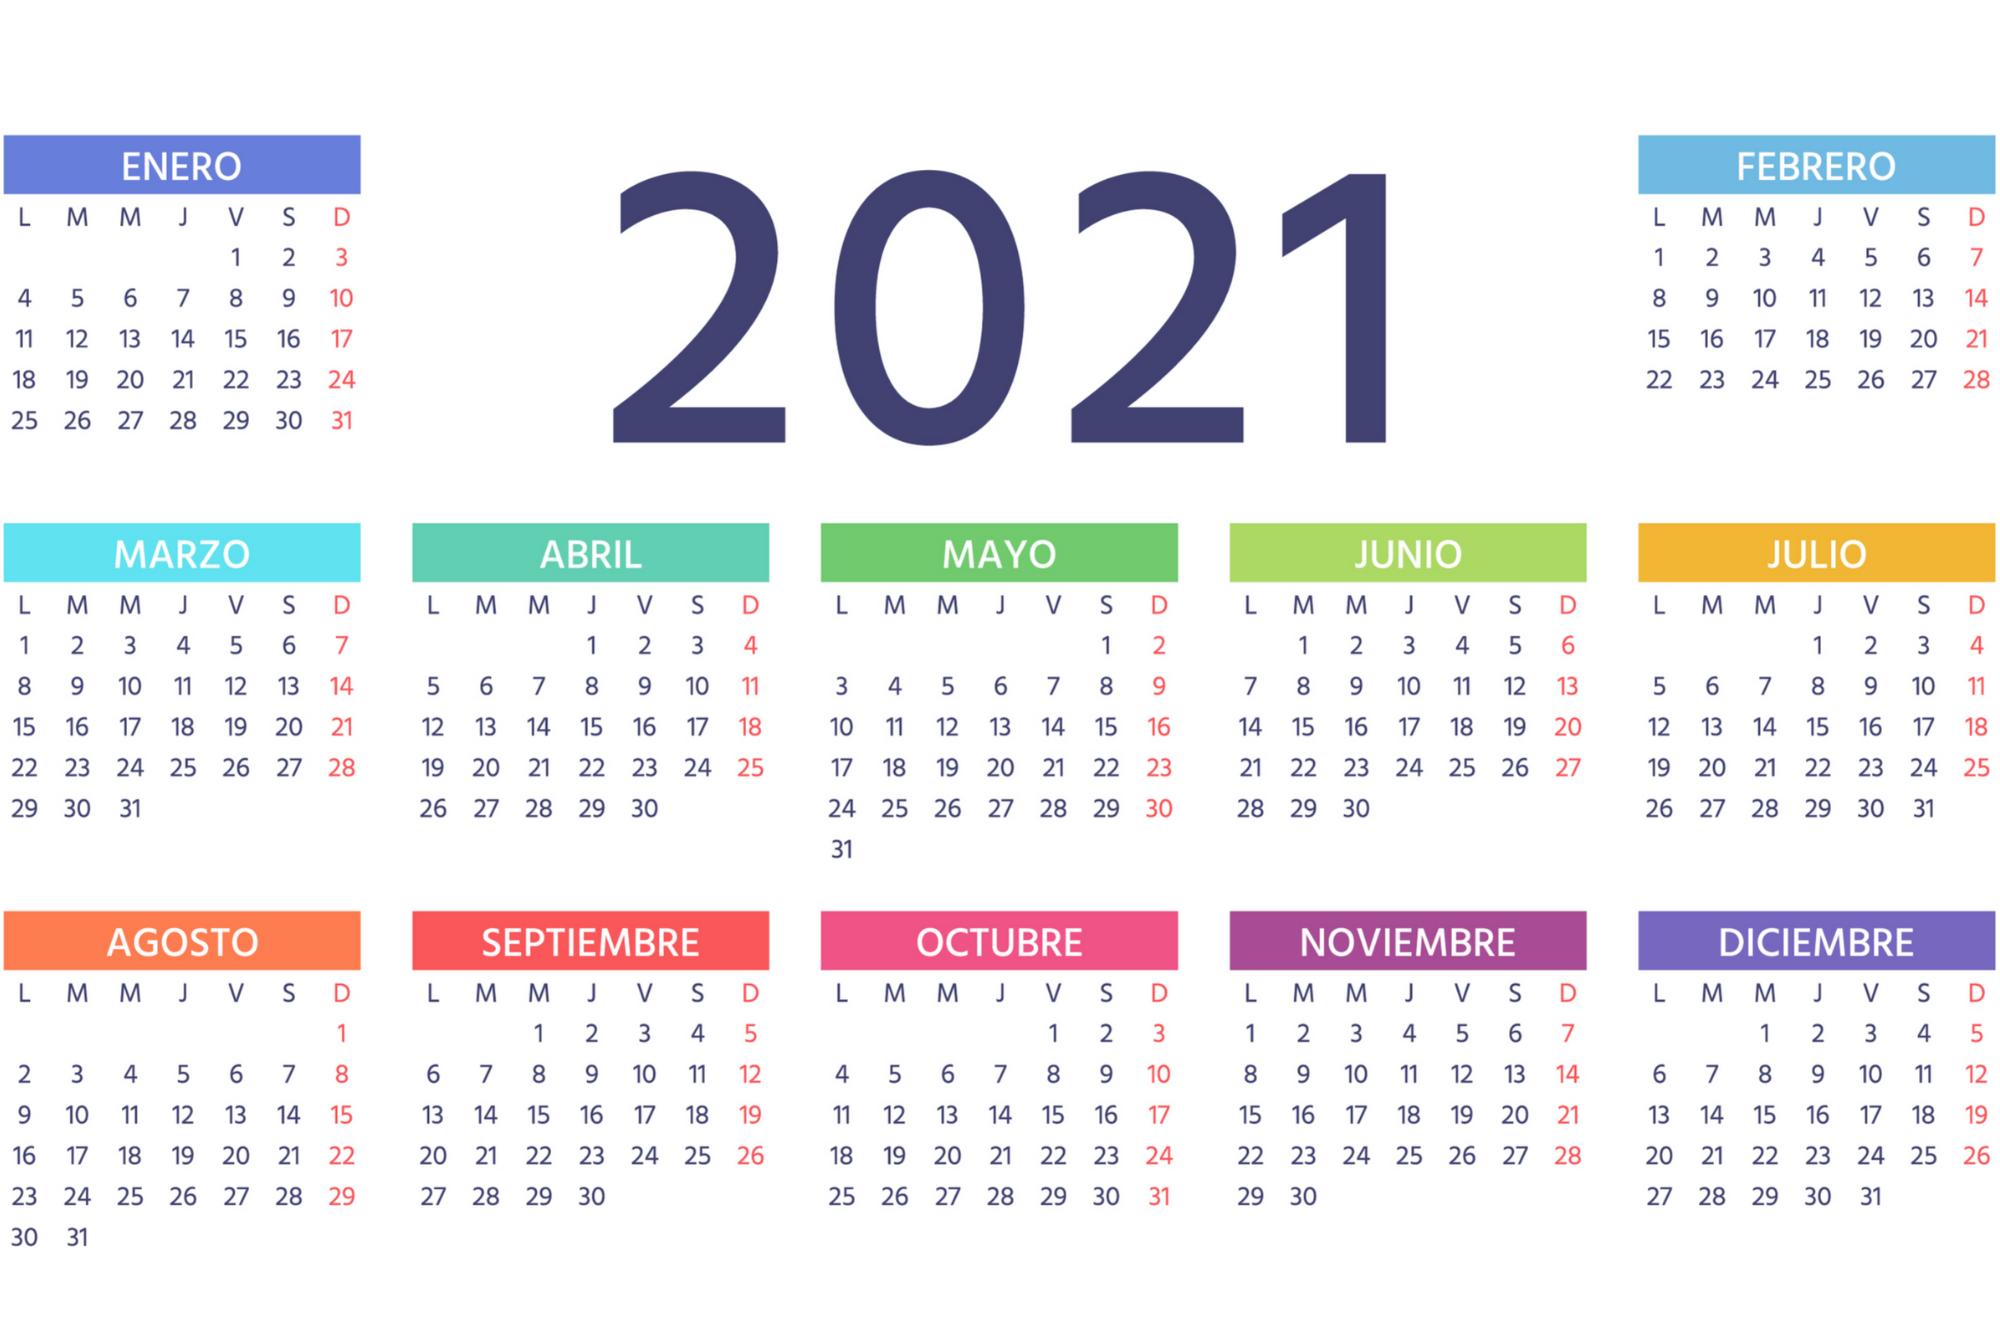 Qué Es El Calendario Gregoriano? - La Nacion